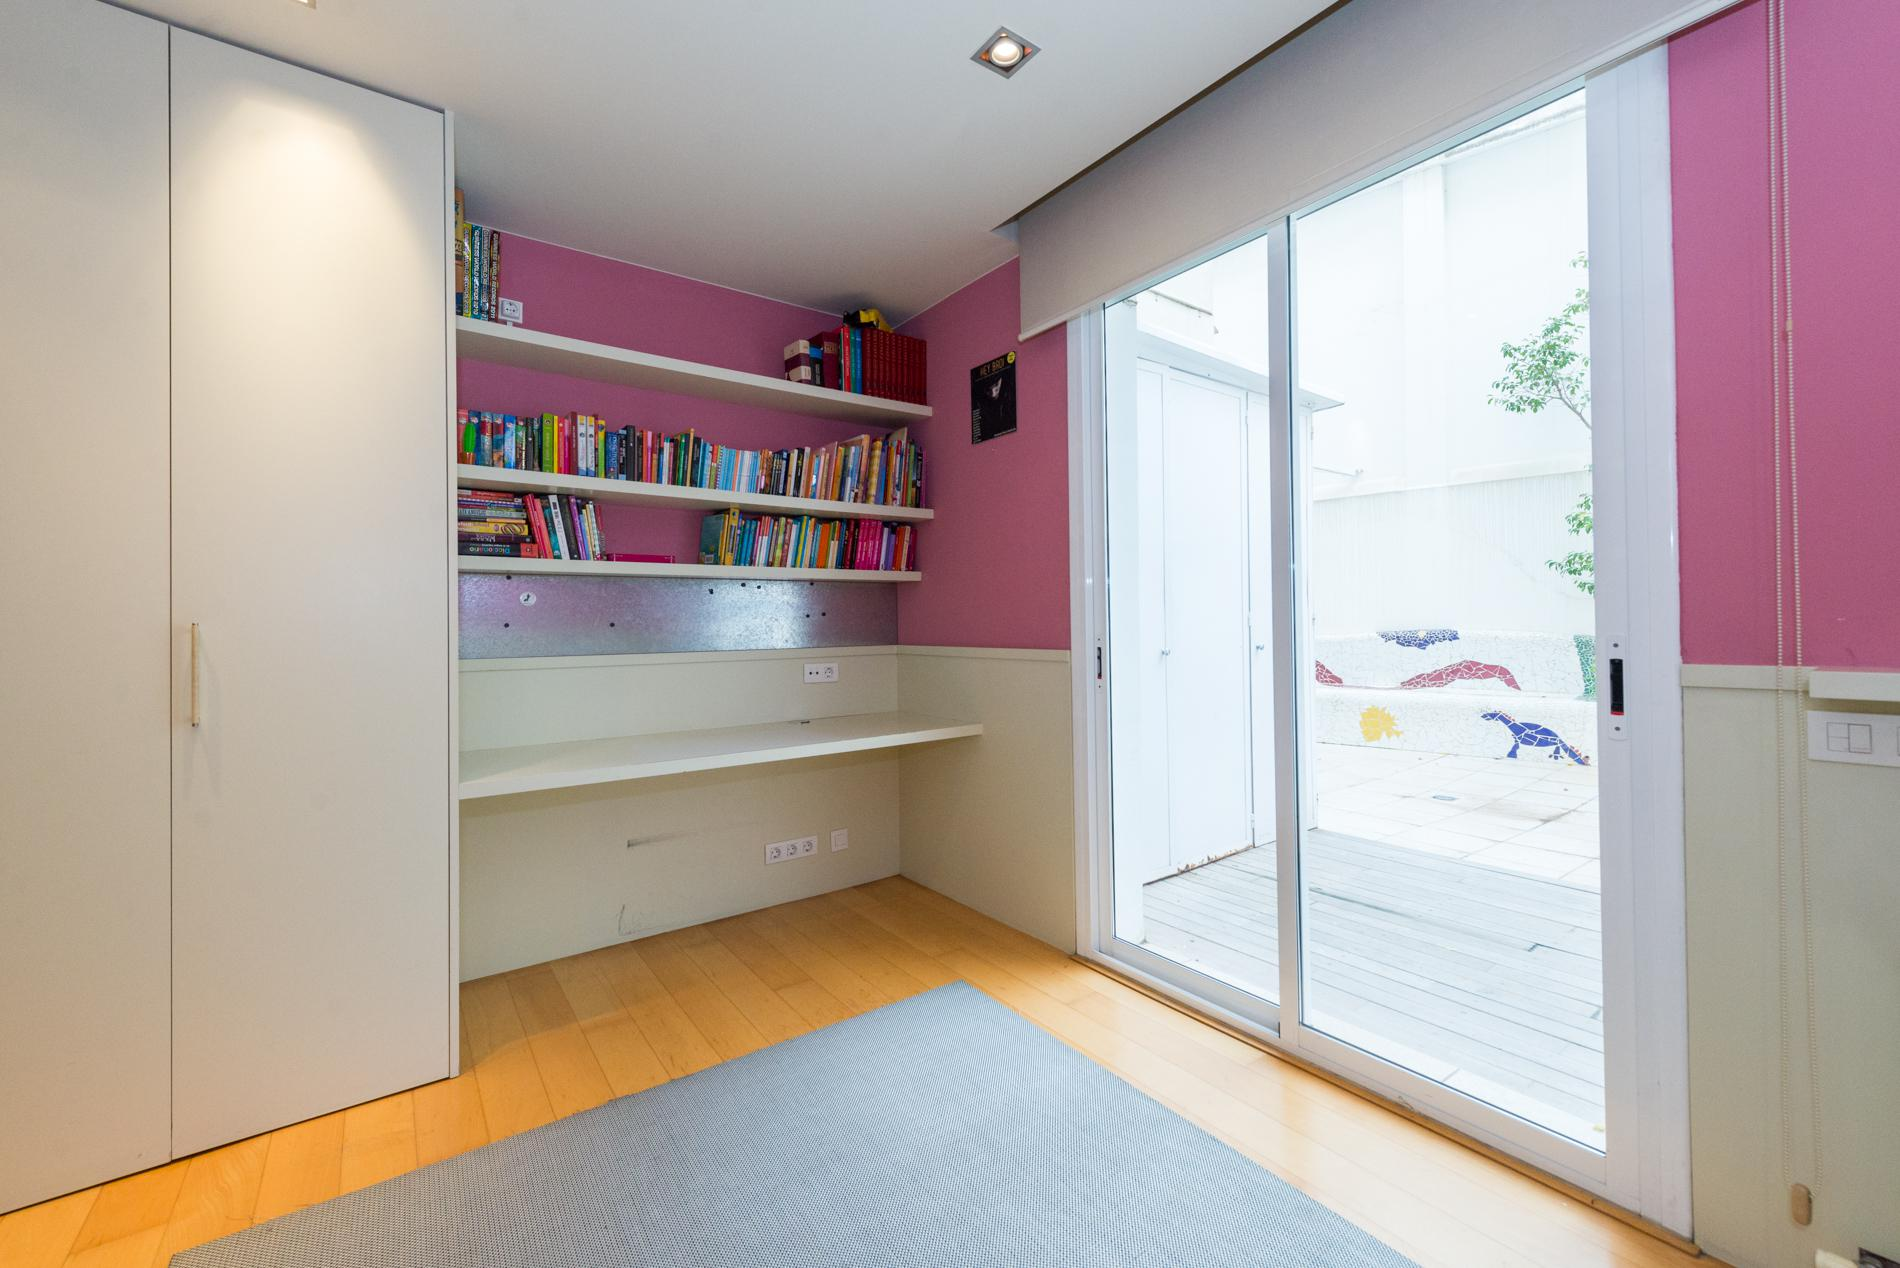 247761 Ground Floor for sale in Sarrià-Sant Gervasi, St. Gervasi-Bonanova 18